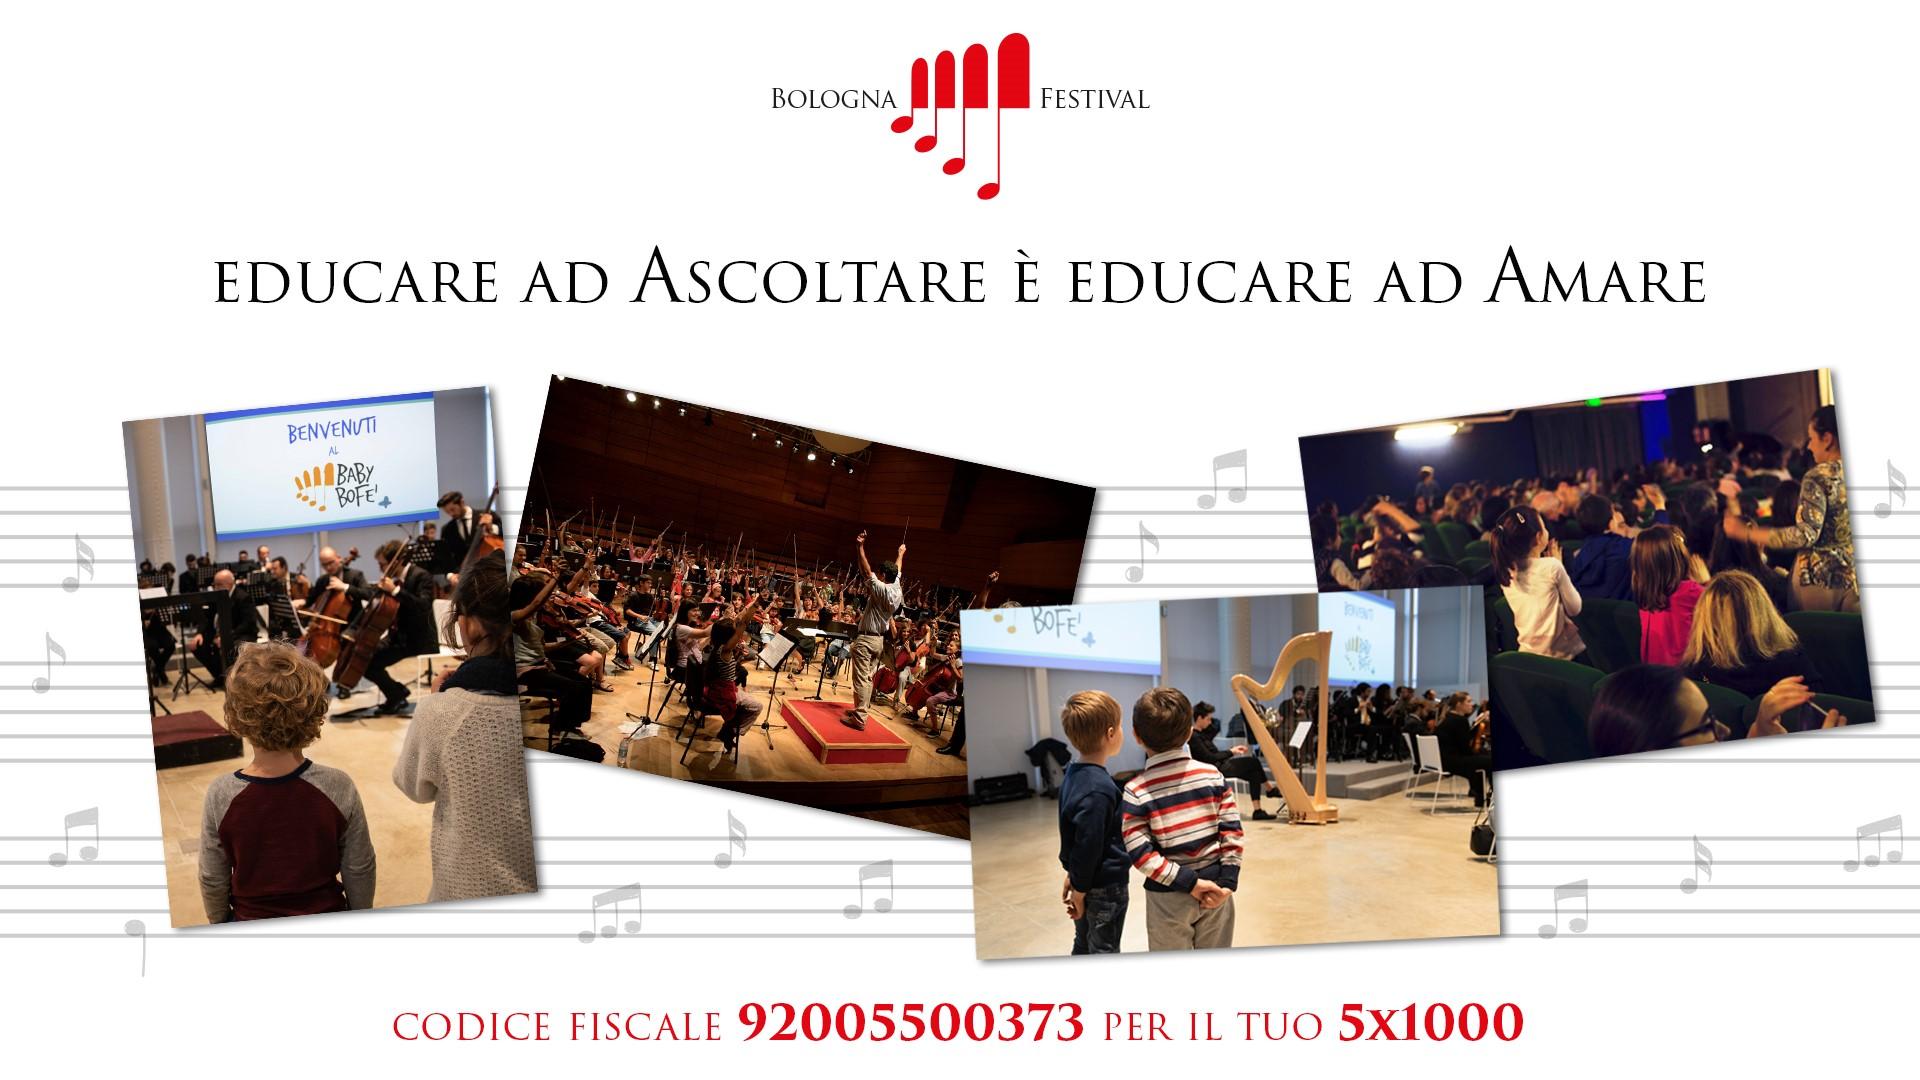 5x1000 Bologna Festival